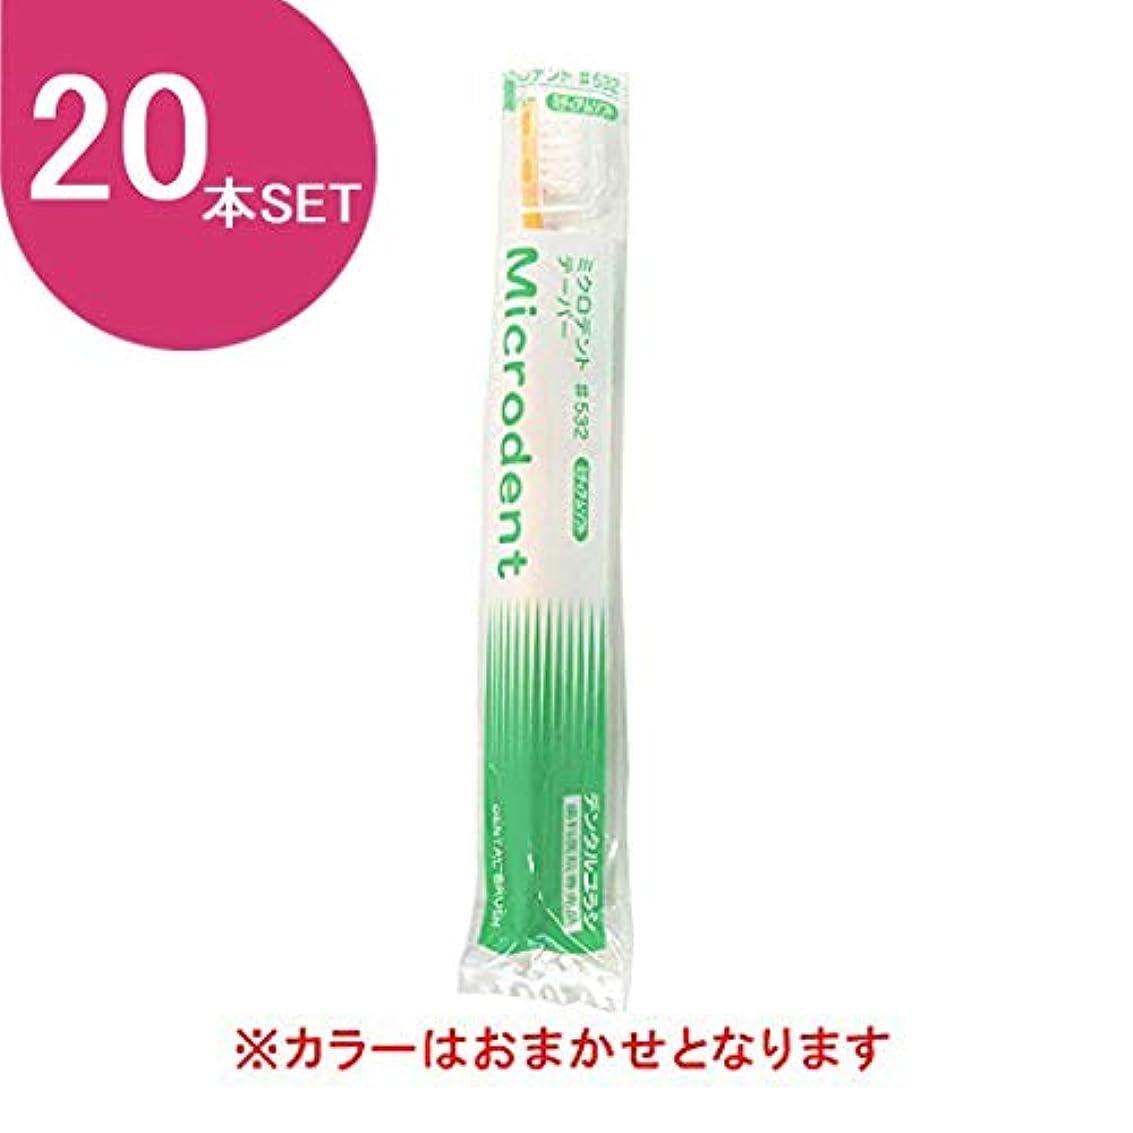 セクタ南何か白水貿易 ミクロデント (Microdent) 20本 #532 (ミディアム)